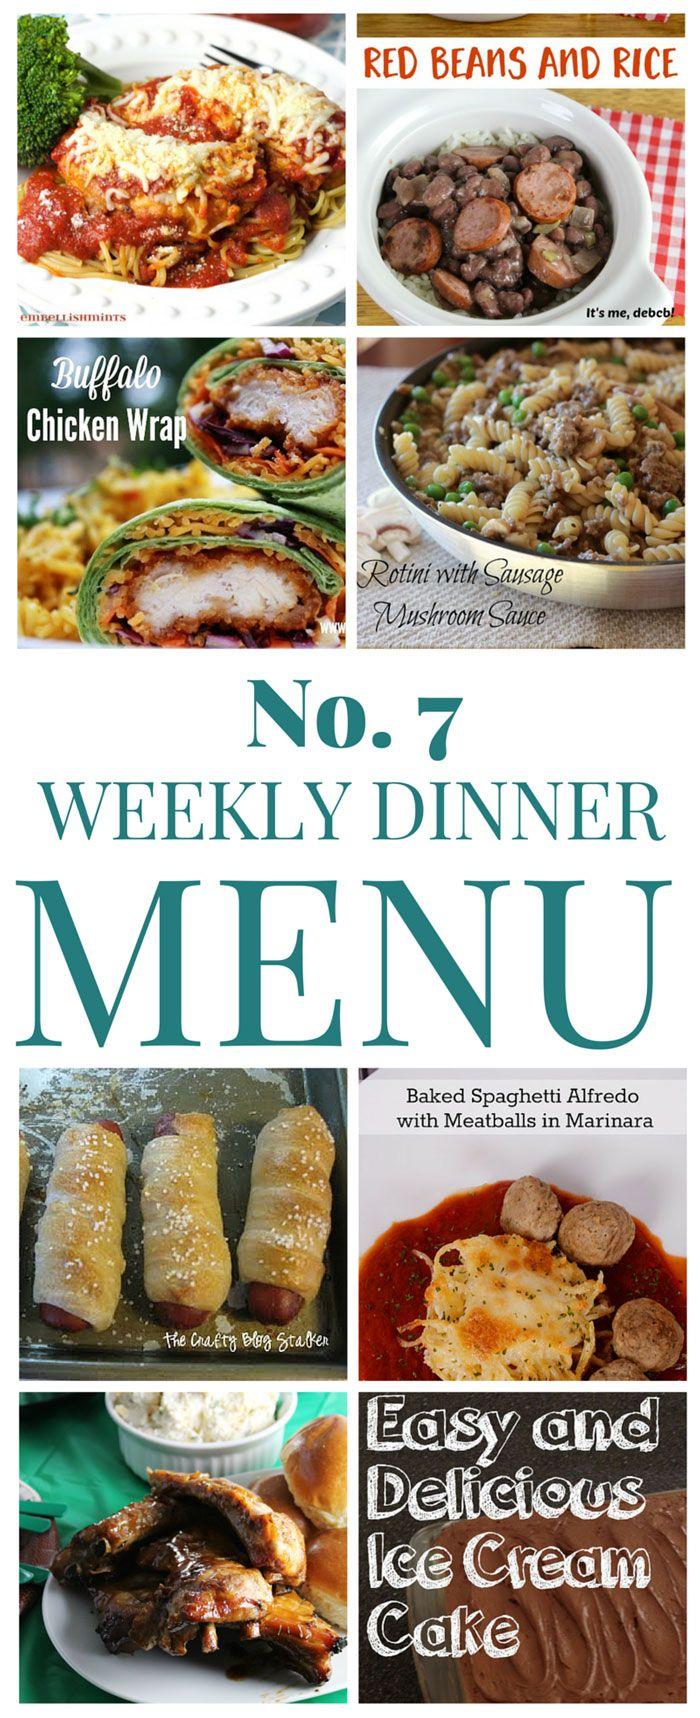 Weekly Dinner Menu #7 - Weekly dinner menu full of family favorites. 7 dinners and 1 dessert!